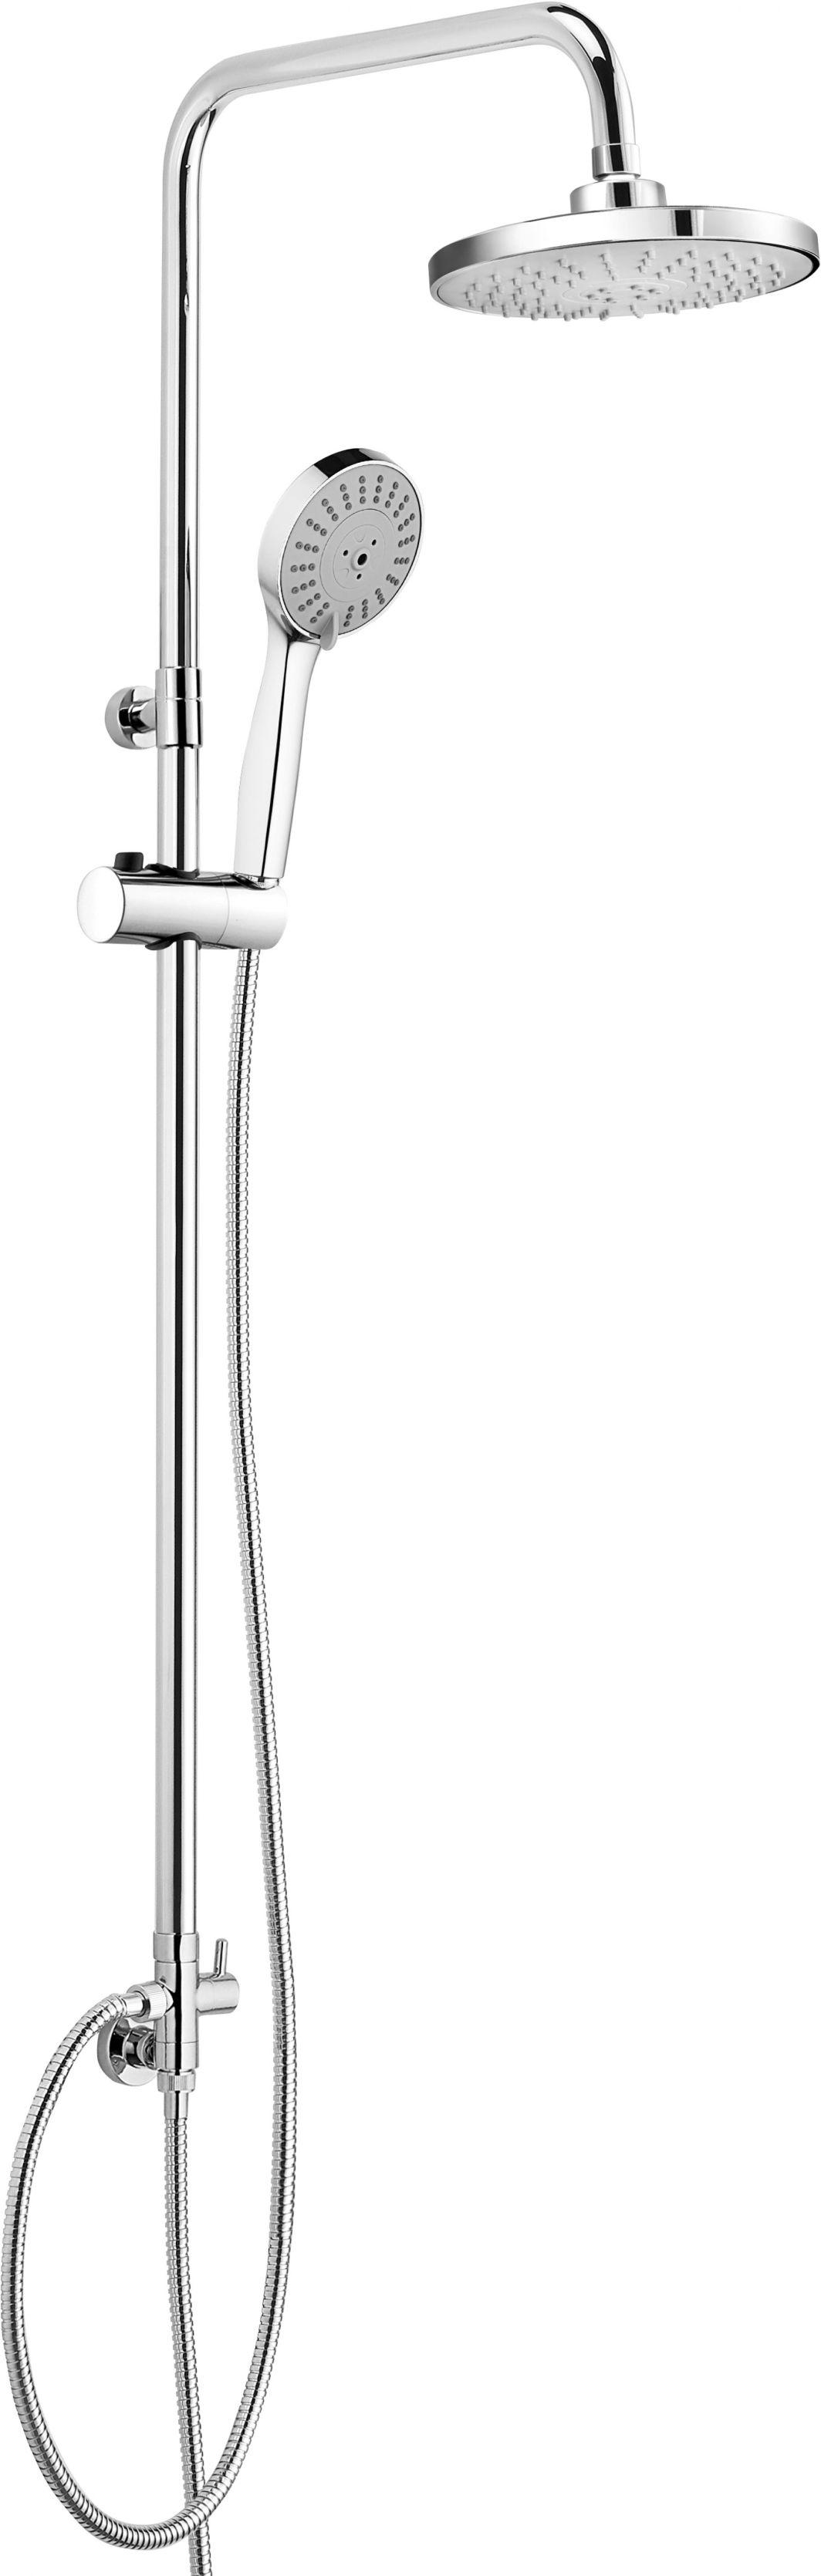 Zestaw prysznicowy Deante Peonia z deszczownicą chrom (NAC 019K) 1